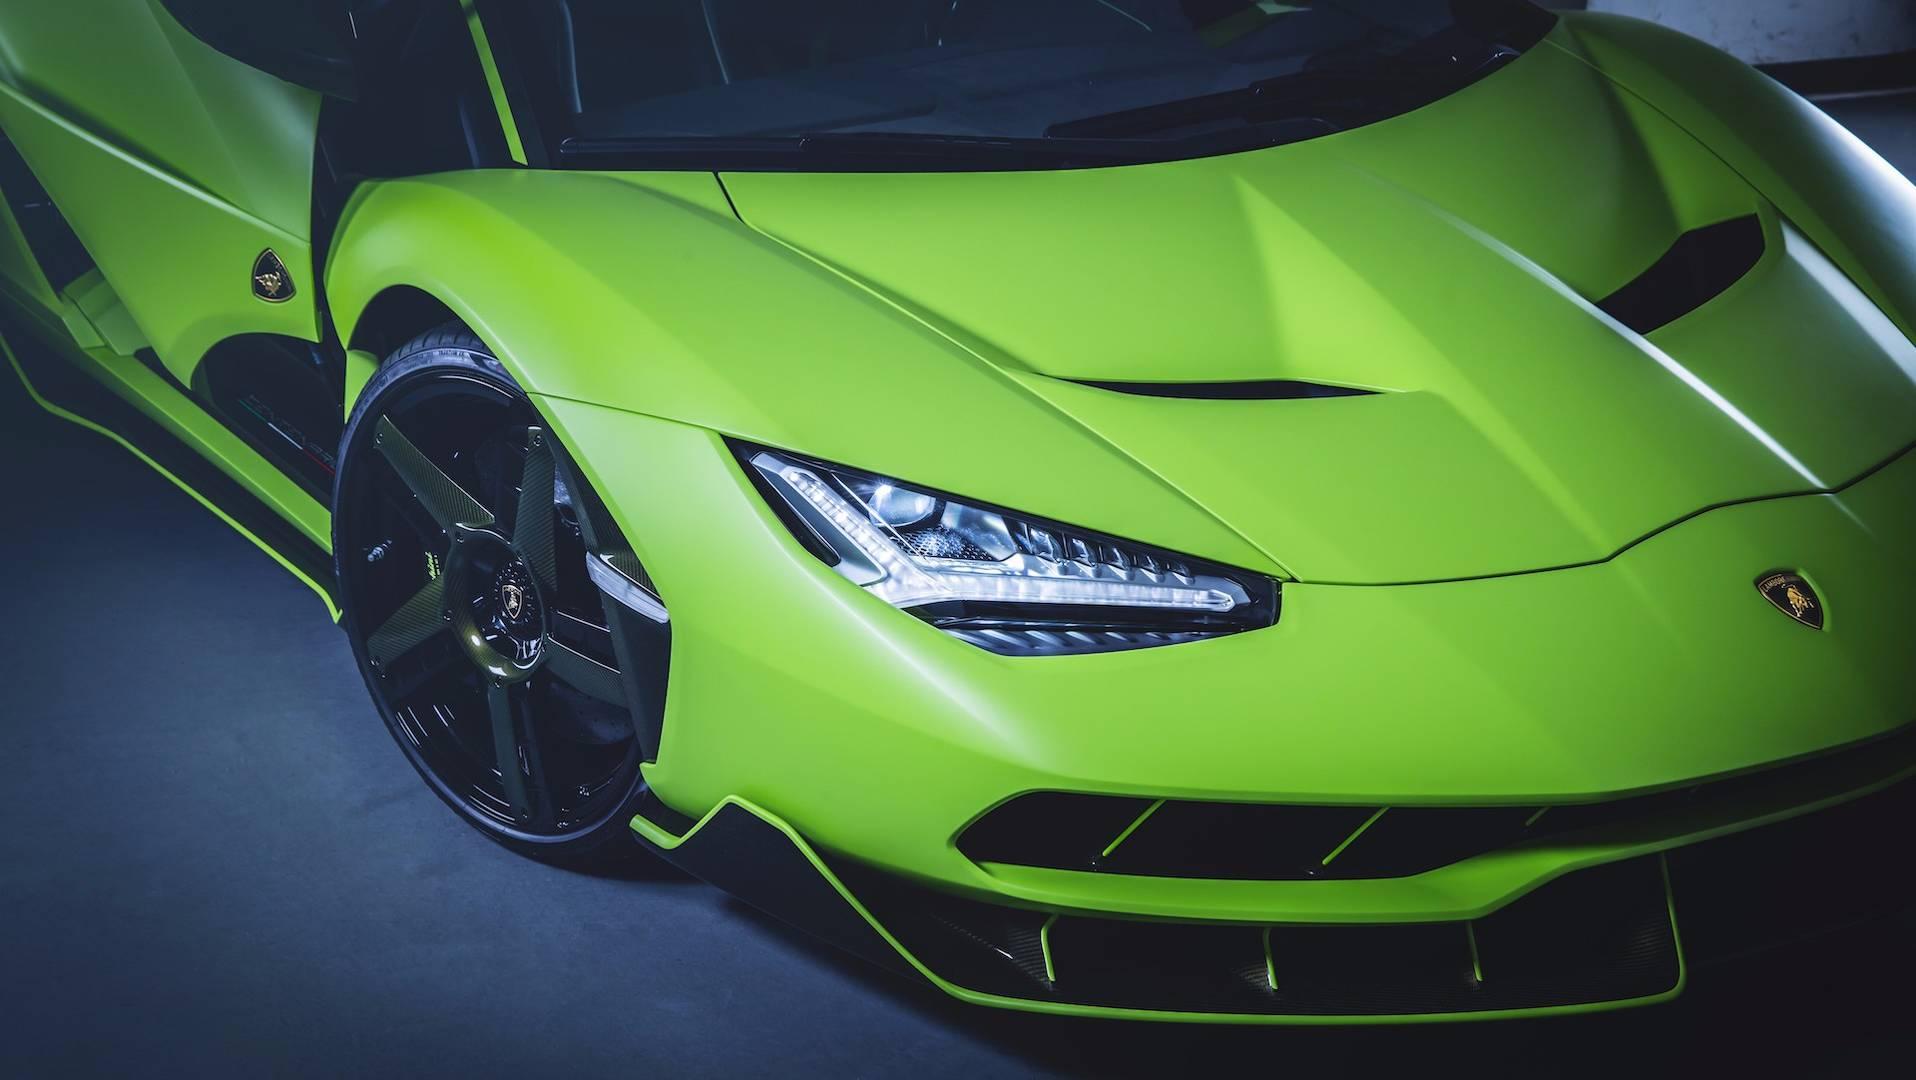 Lamborghini_Centenario_Hong_Kong_03